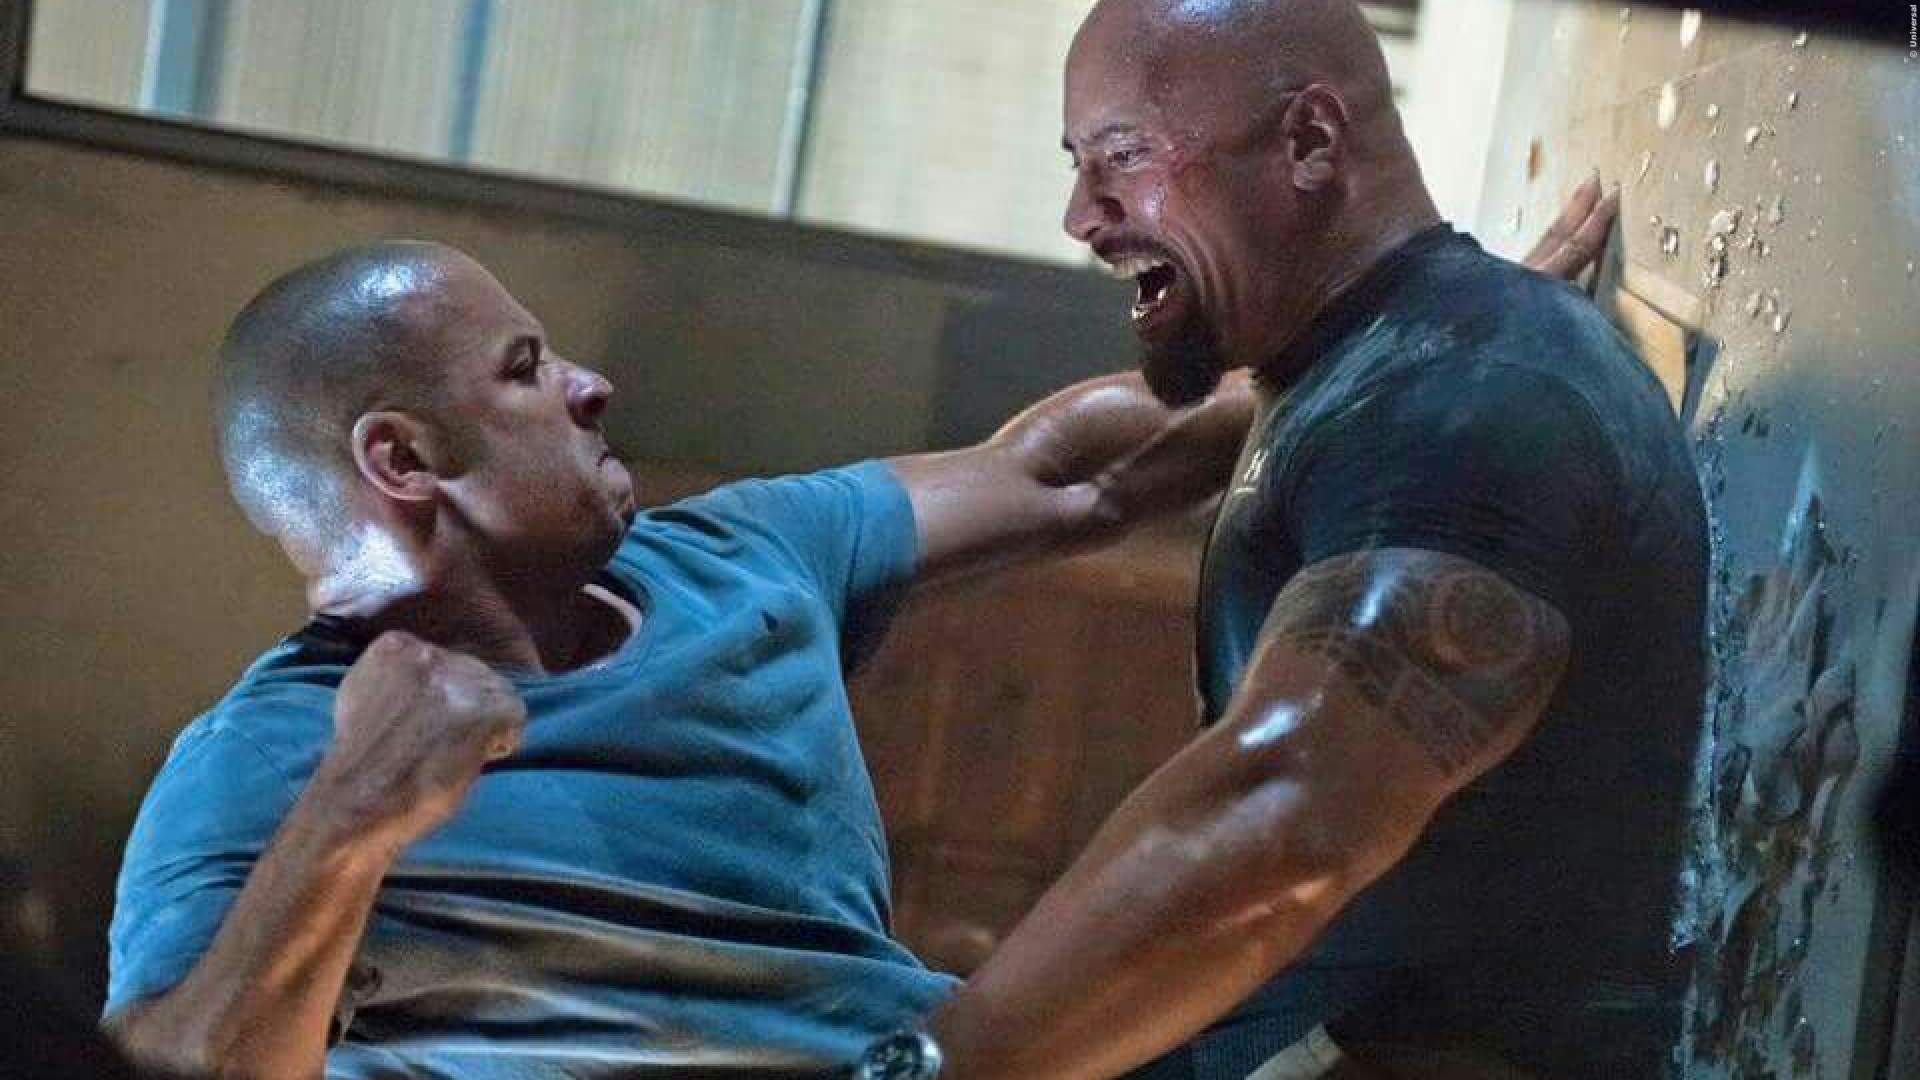 ROCK RAUS: Vin Diesel ersetzt Dwayne Johnson in 'Fast & Furious 9' mit diesem Star